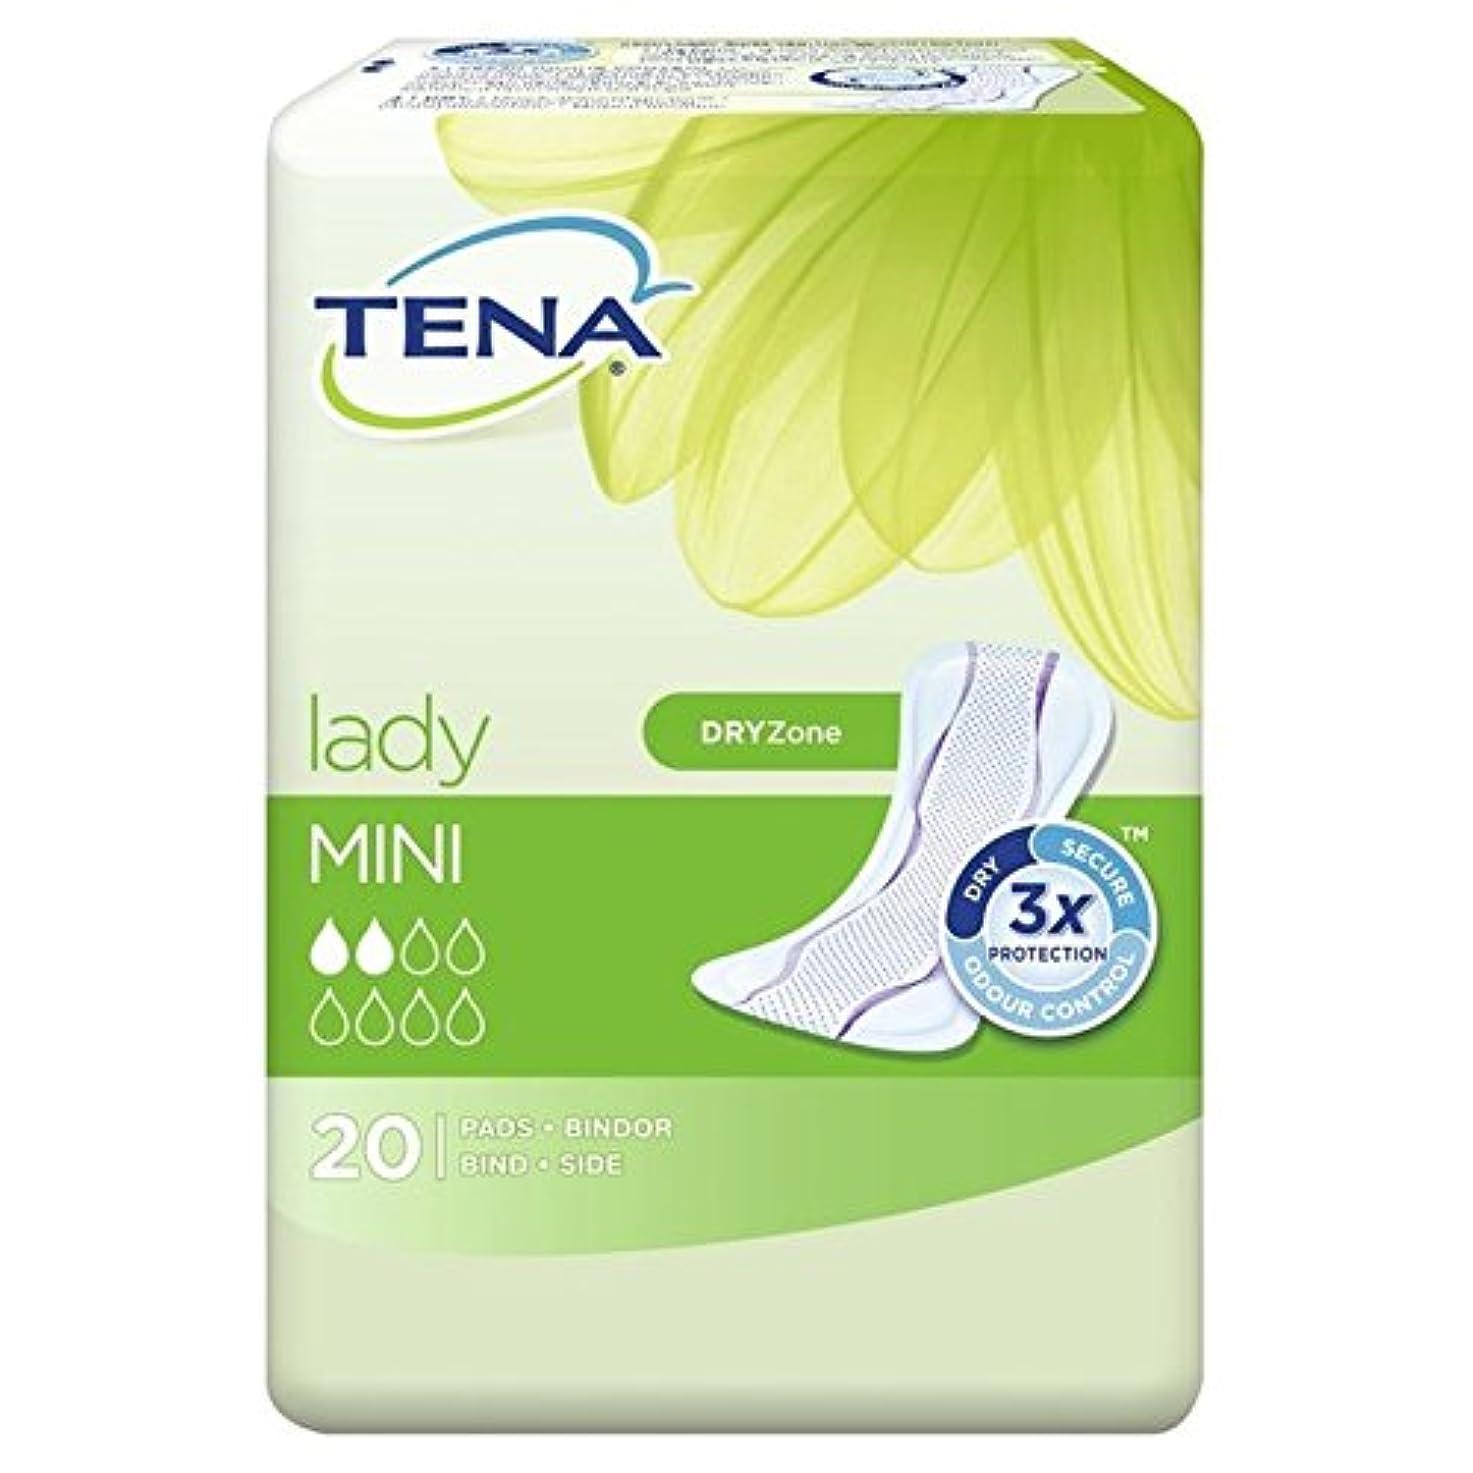 変動する司書優れましたTena Lady Mini Towels 20 per pack - パックあたりテナ婦人ミニタオル20 [並行輸入品]